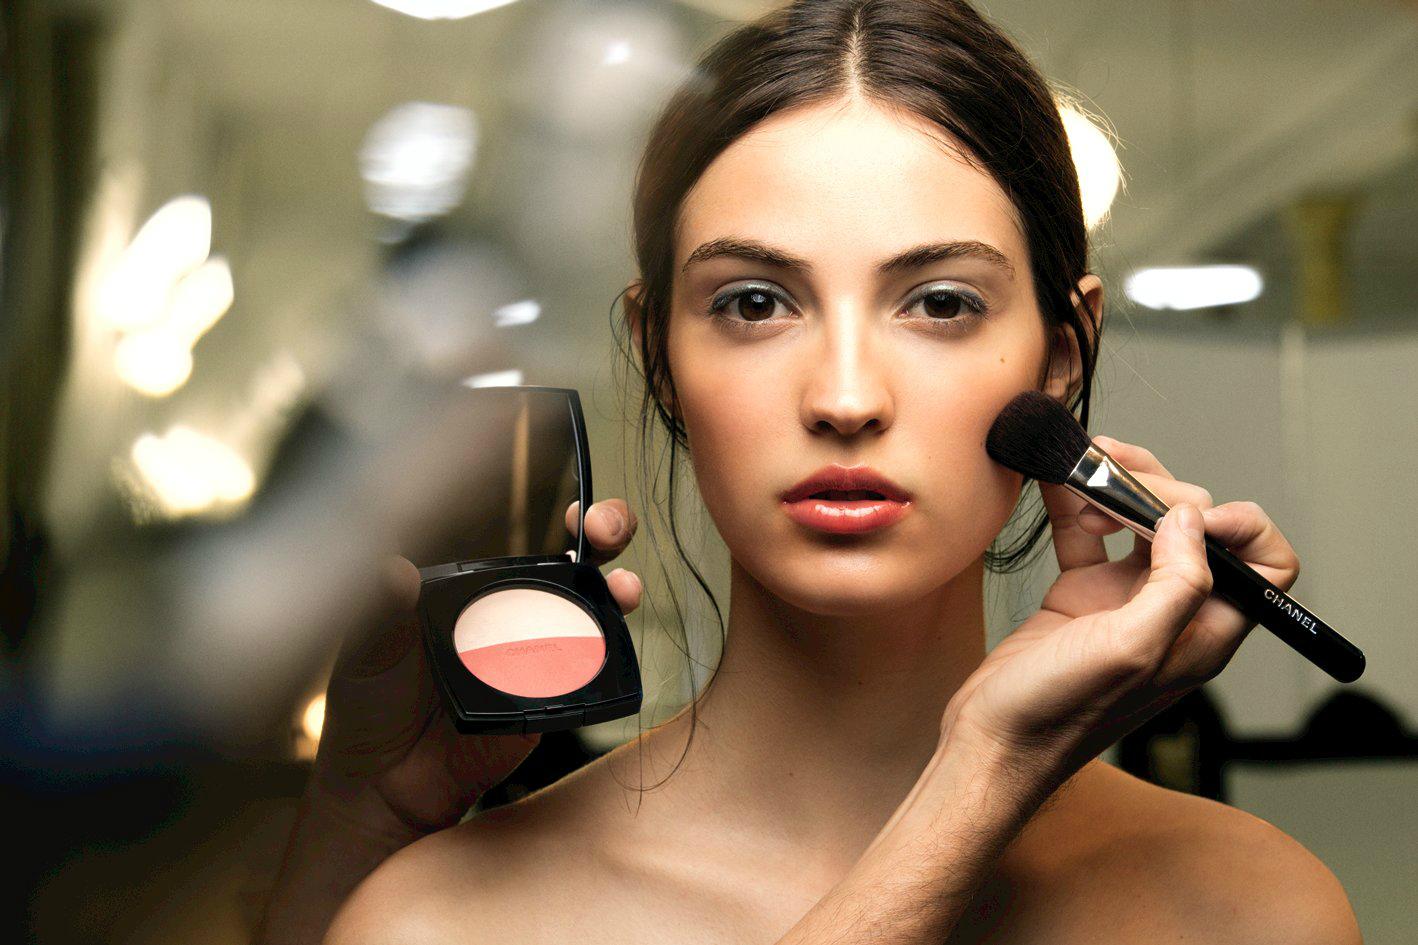 Как зумеры меняют бьюти-индустрию ипонятие маскулинности: 5 главных трендов